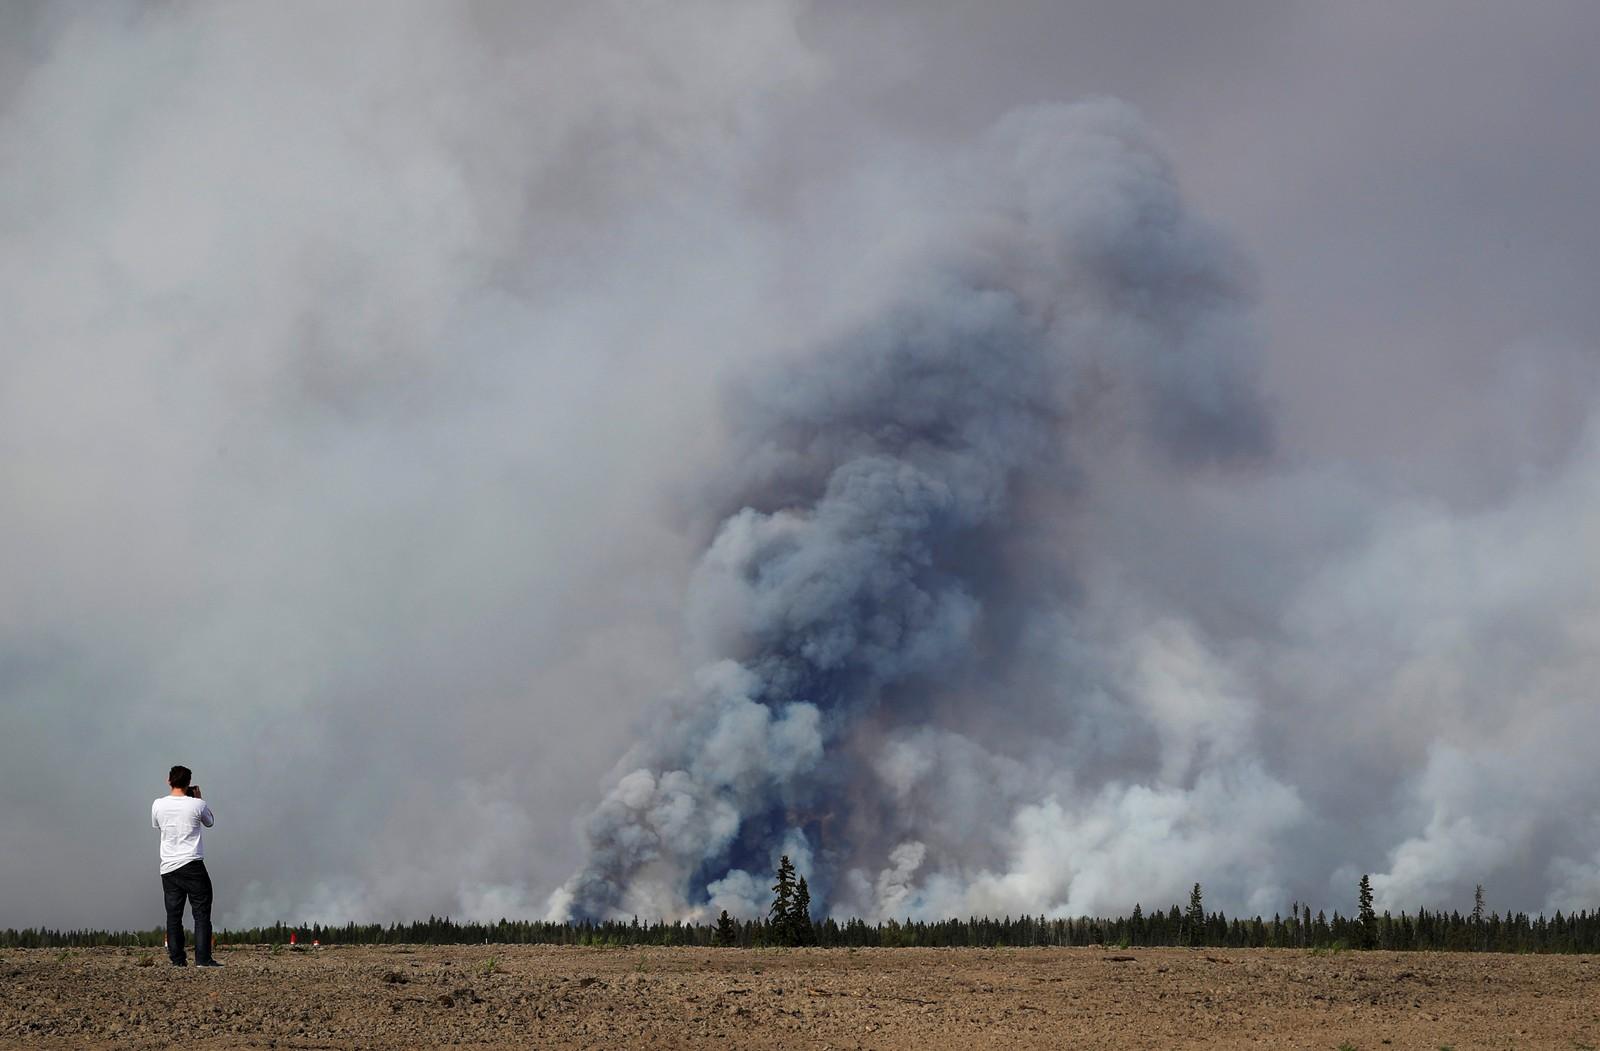 En mann tar bilde av røyken fra skogbrannen som raser nær Fort McMurray i Alberta, Canada fredag 6. mai.